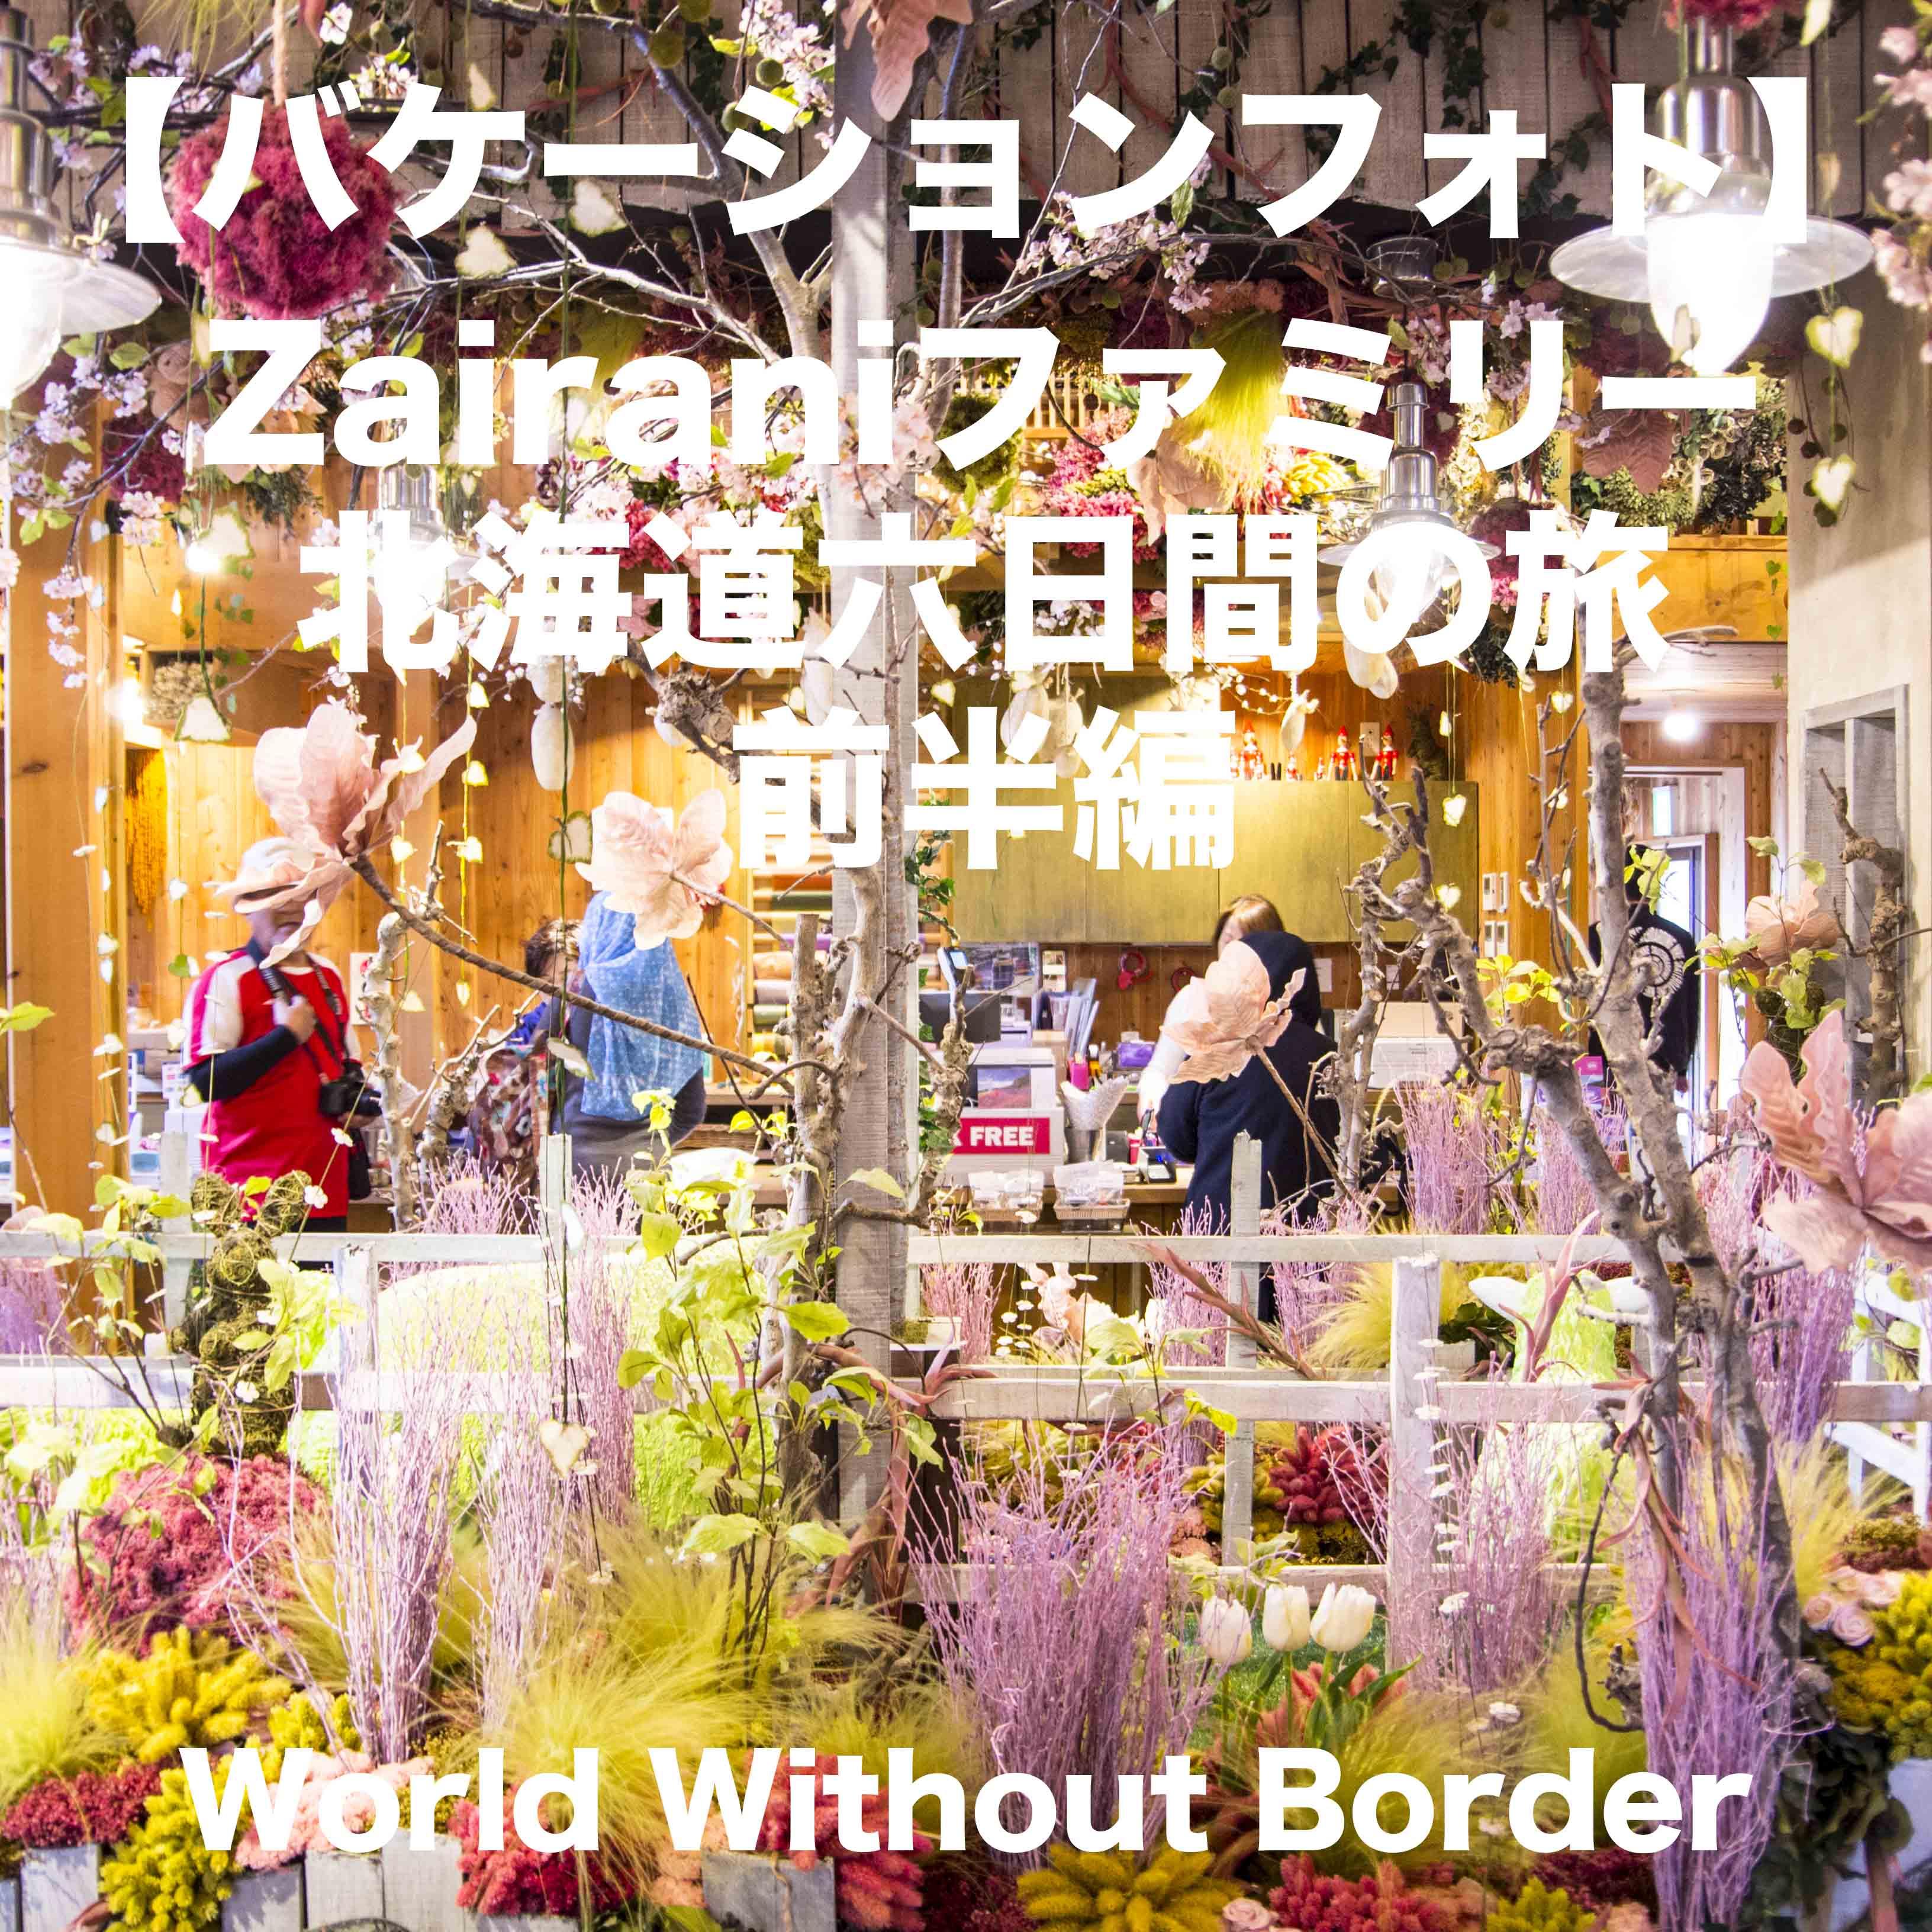 【バケーションフォト】北海道6日間アテンド旅行 Zairaniファミリー